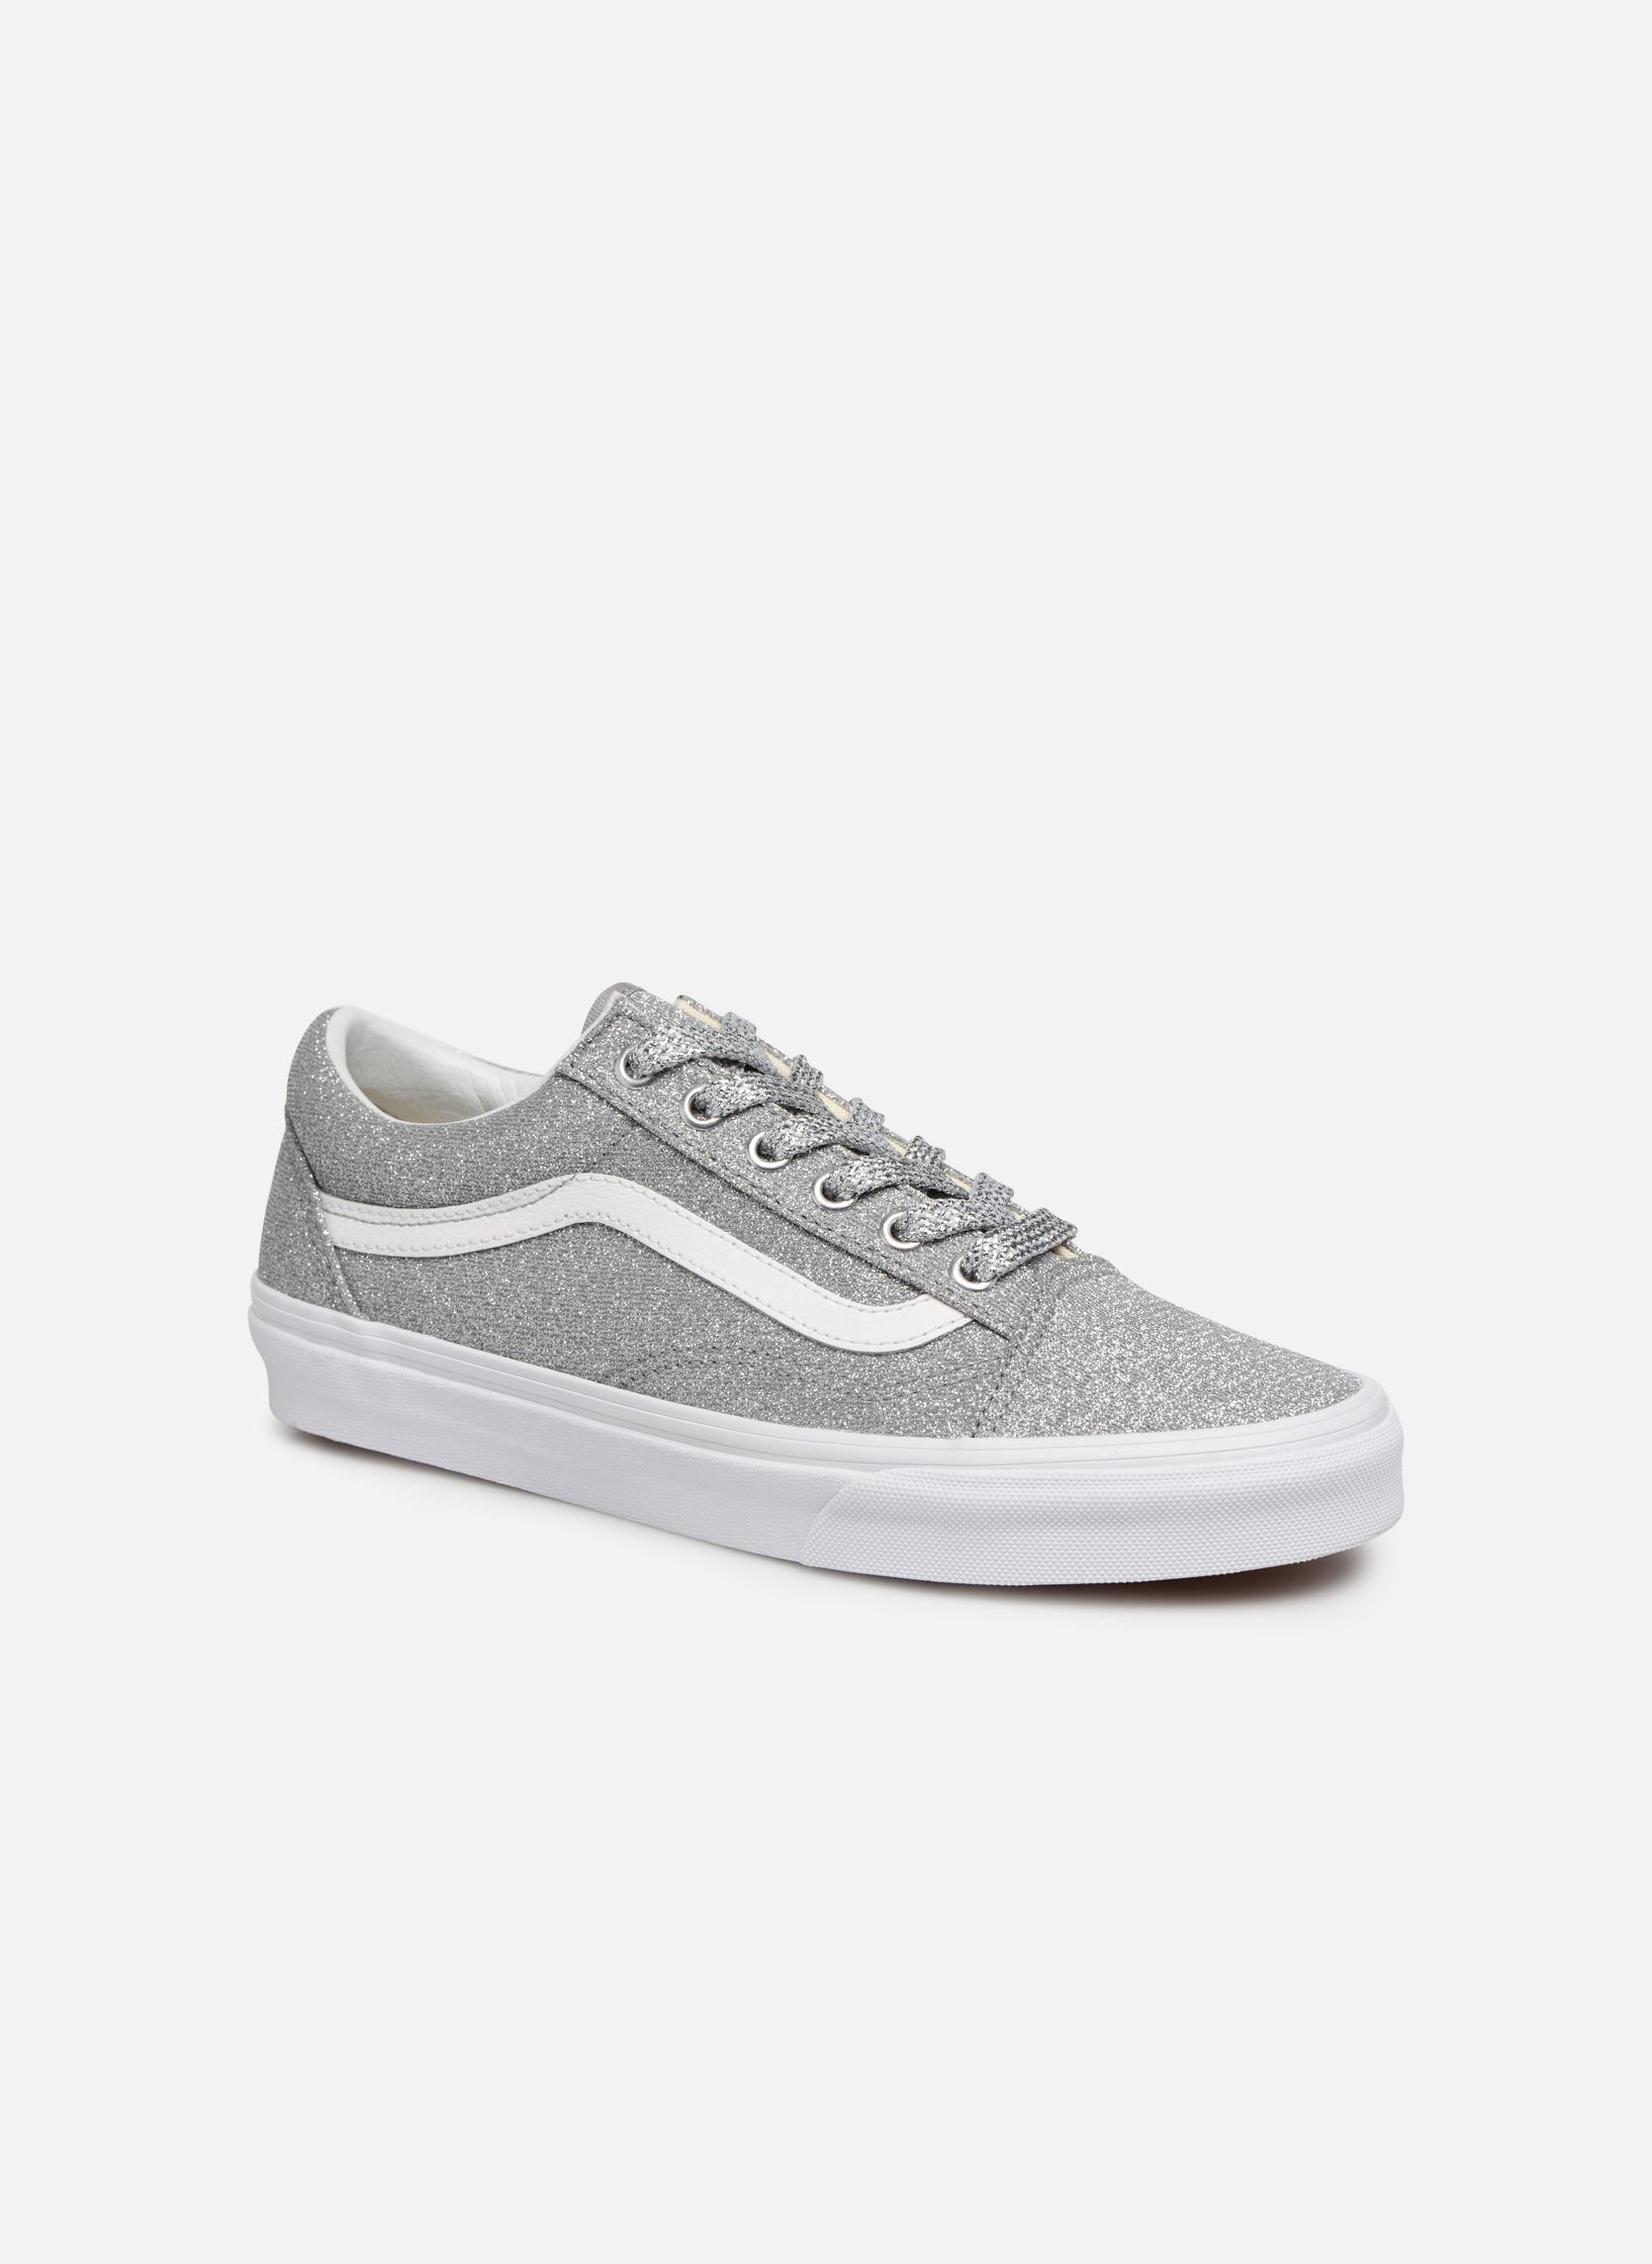 Vans Old Skool W (Gris) - Baskets en Más cómodo Nouvelles chaussures pour hommes et femmes, remise limitée dans le temps